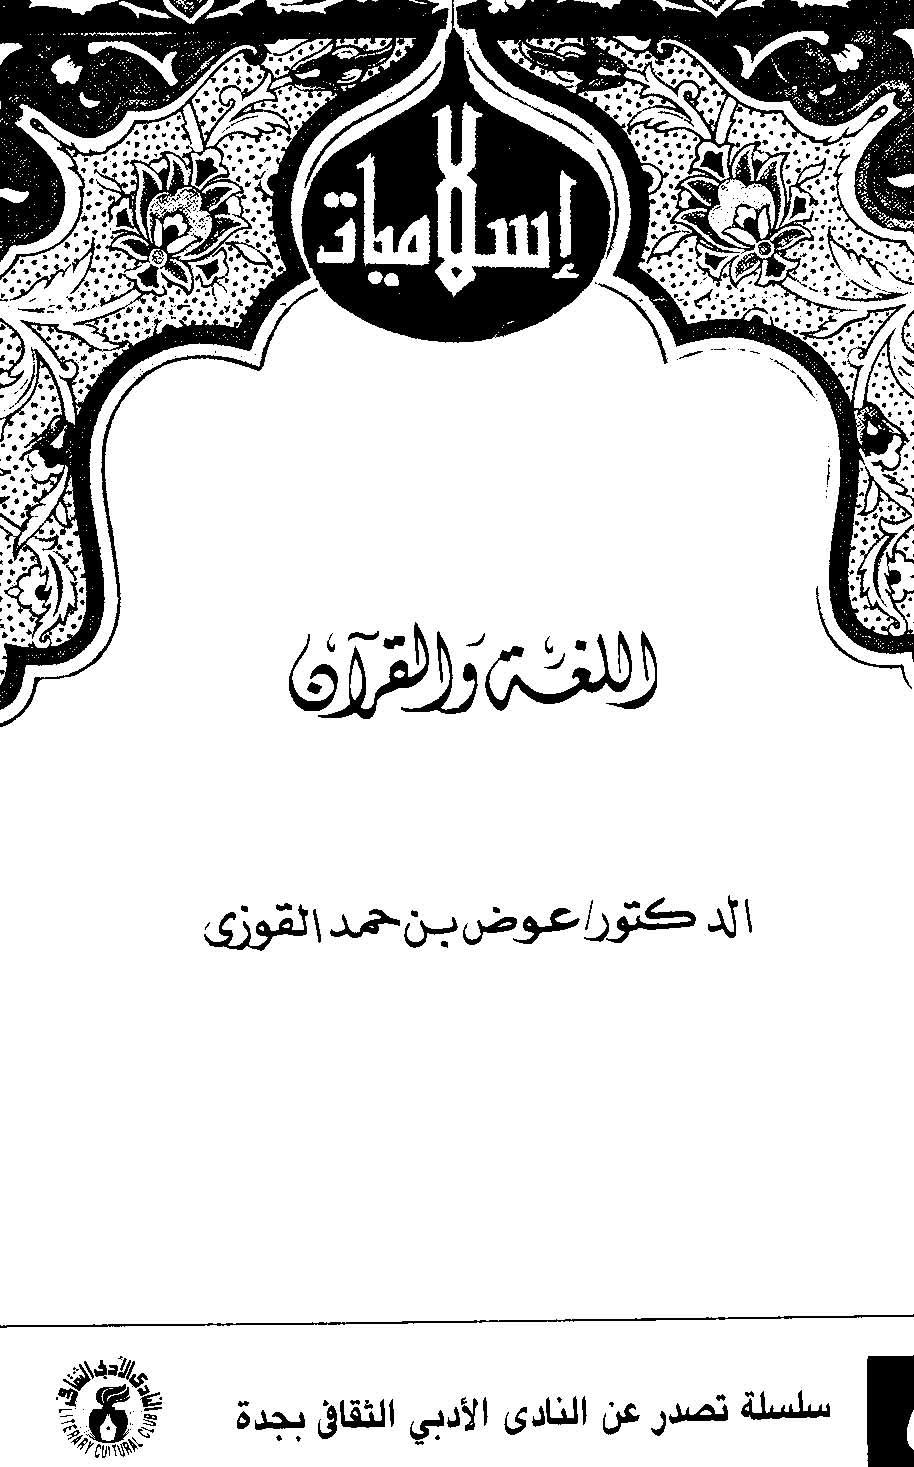 تحميل كتاب اللغة والقرآن لـِ: الدكتور عوض بن حمد القوزي (ت 1435)